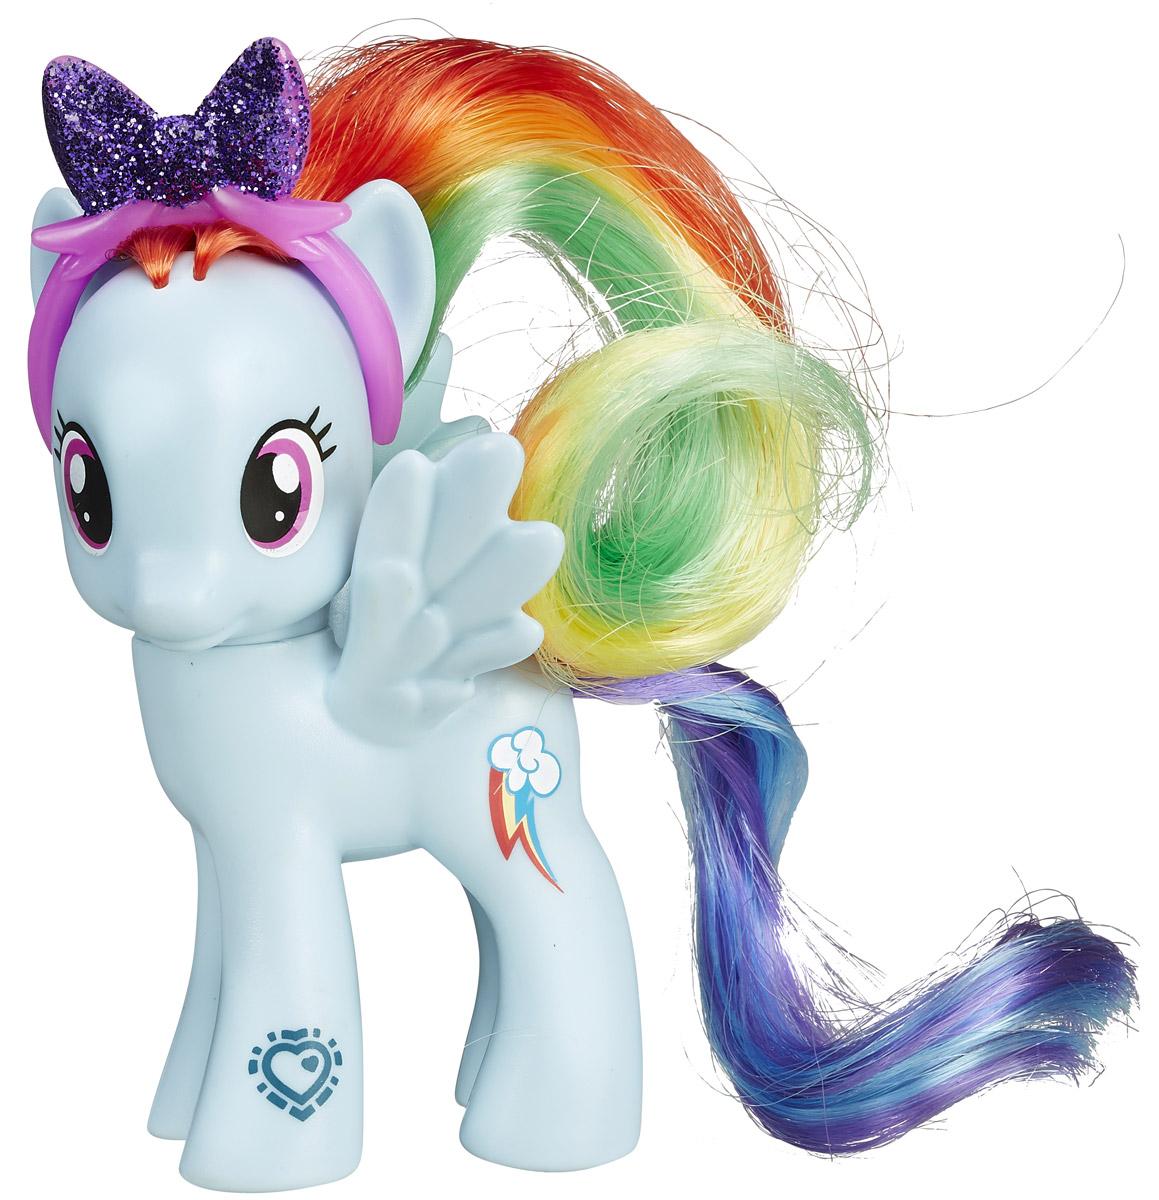 My Little Pony Фигурка Пони Рейнбоу ДэшB3599EU4_B4817Фигурка My Little Pony Пони Рейнбоу Дэш привлечет внимание вашей малышки! Фигурка выполнена из прочного пластика в виде красавицы пони Рейнбоу Дэш с яркими гривой и хвостом. Головка фигурки подвижна. Малышка пони неповторима и отмечена уникальными символами, находящимися у нее на боках. Отличительный знак появляется на пони, когда она понимает, что чем-то отличается от остальных. Знак отличия Рейнбоу Дэш - облако с трехцветной молнией. Шикарные волосы пони можно расчесывать, создавая новые прически. Вашей принцессе понравится играть с фигуркой и воссоздавать сцены из любимого мультсериала. Порадуйте ее таким замечательным подарком!